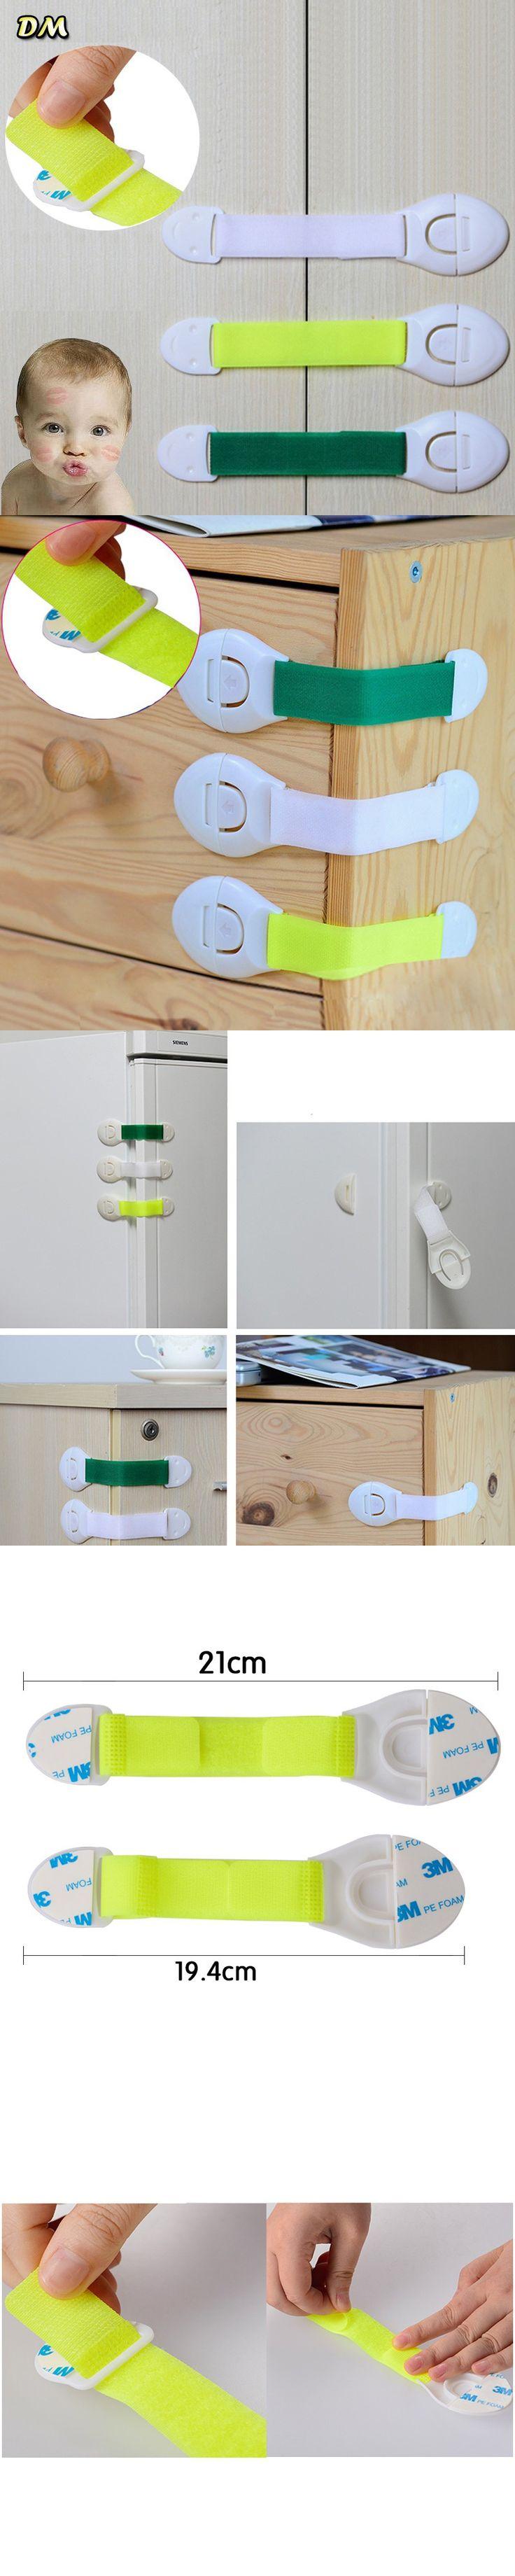 New safety Fedex/DHL, 3M Sticker Baby Safety Lock Multipurpose Cabinet Lock Children Kids Drawer Lock Refrigerator Lock 1000pcs $475